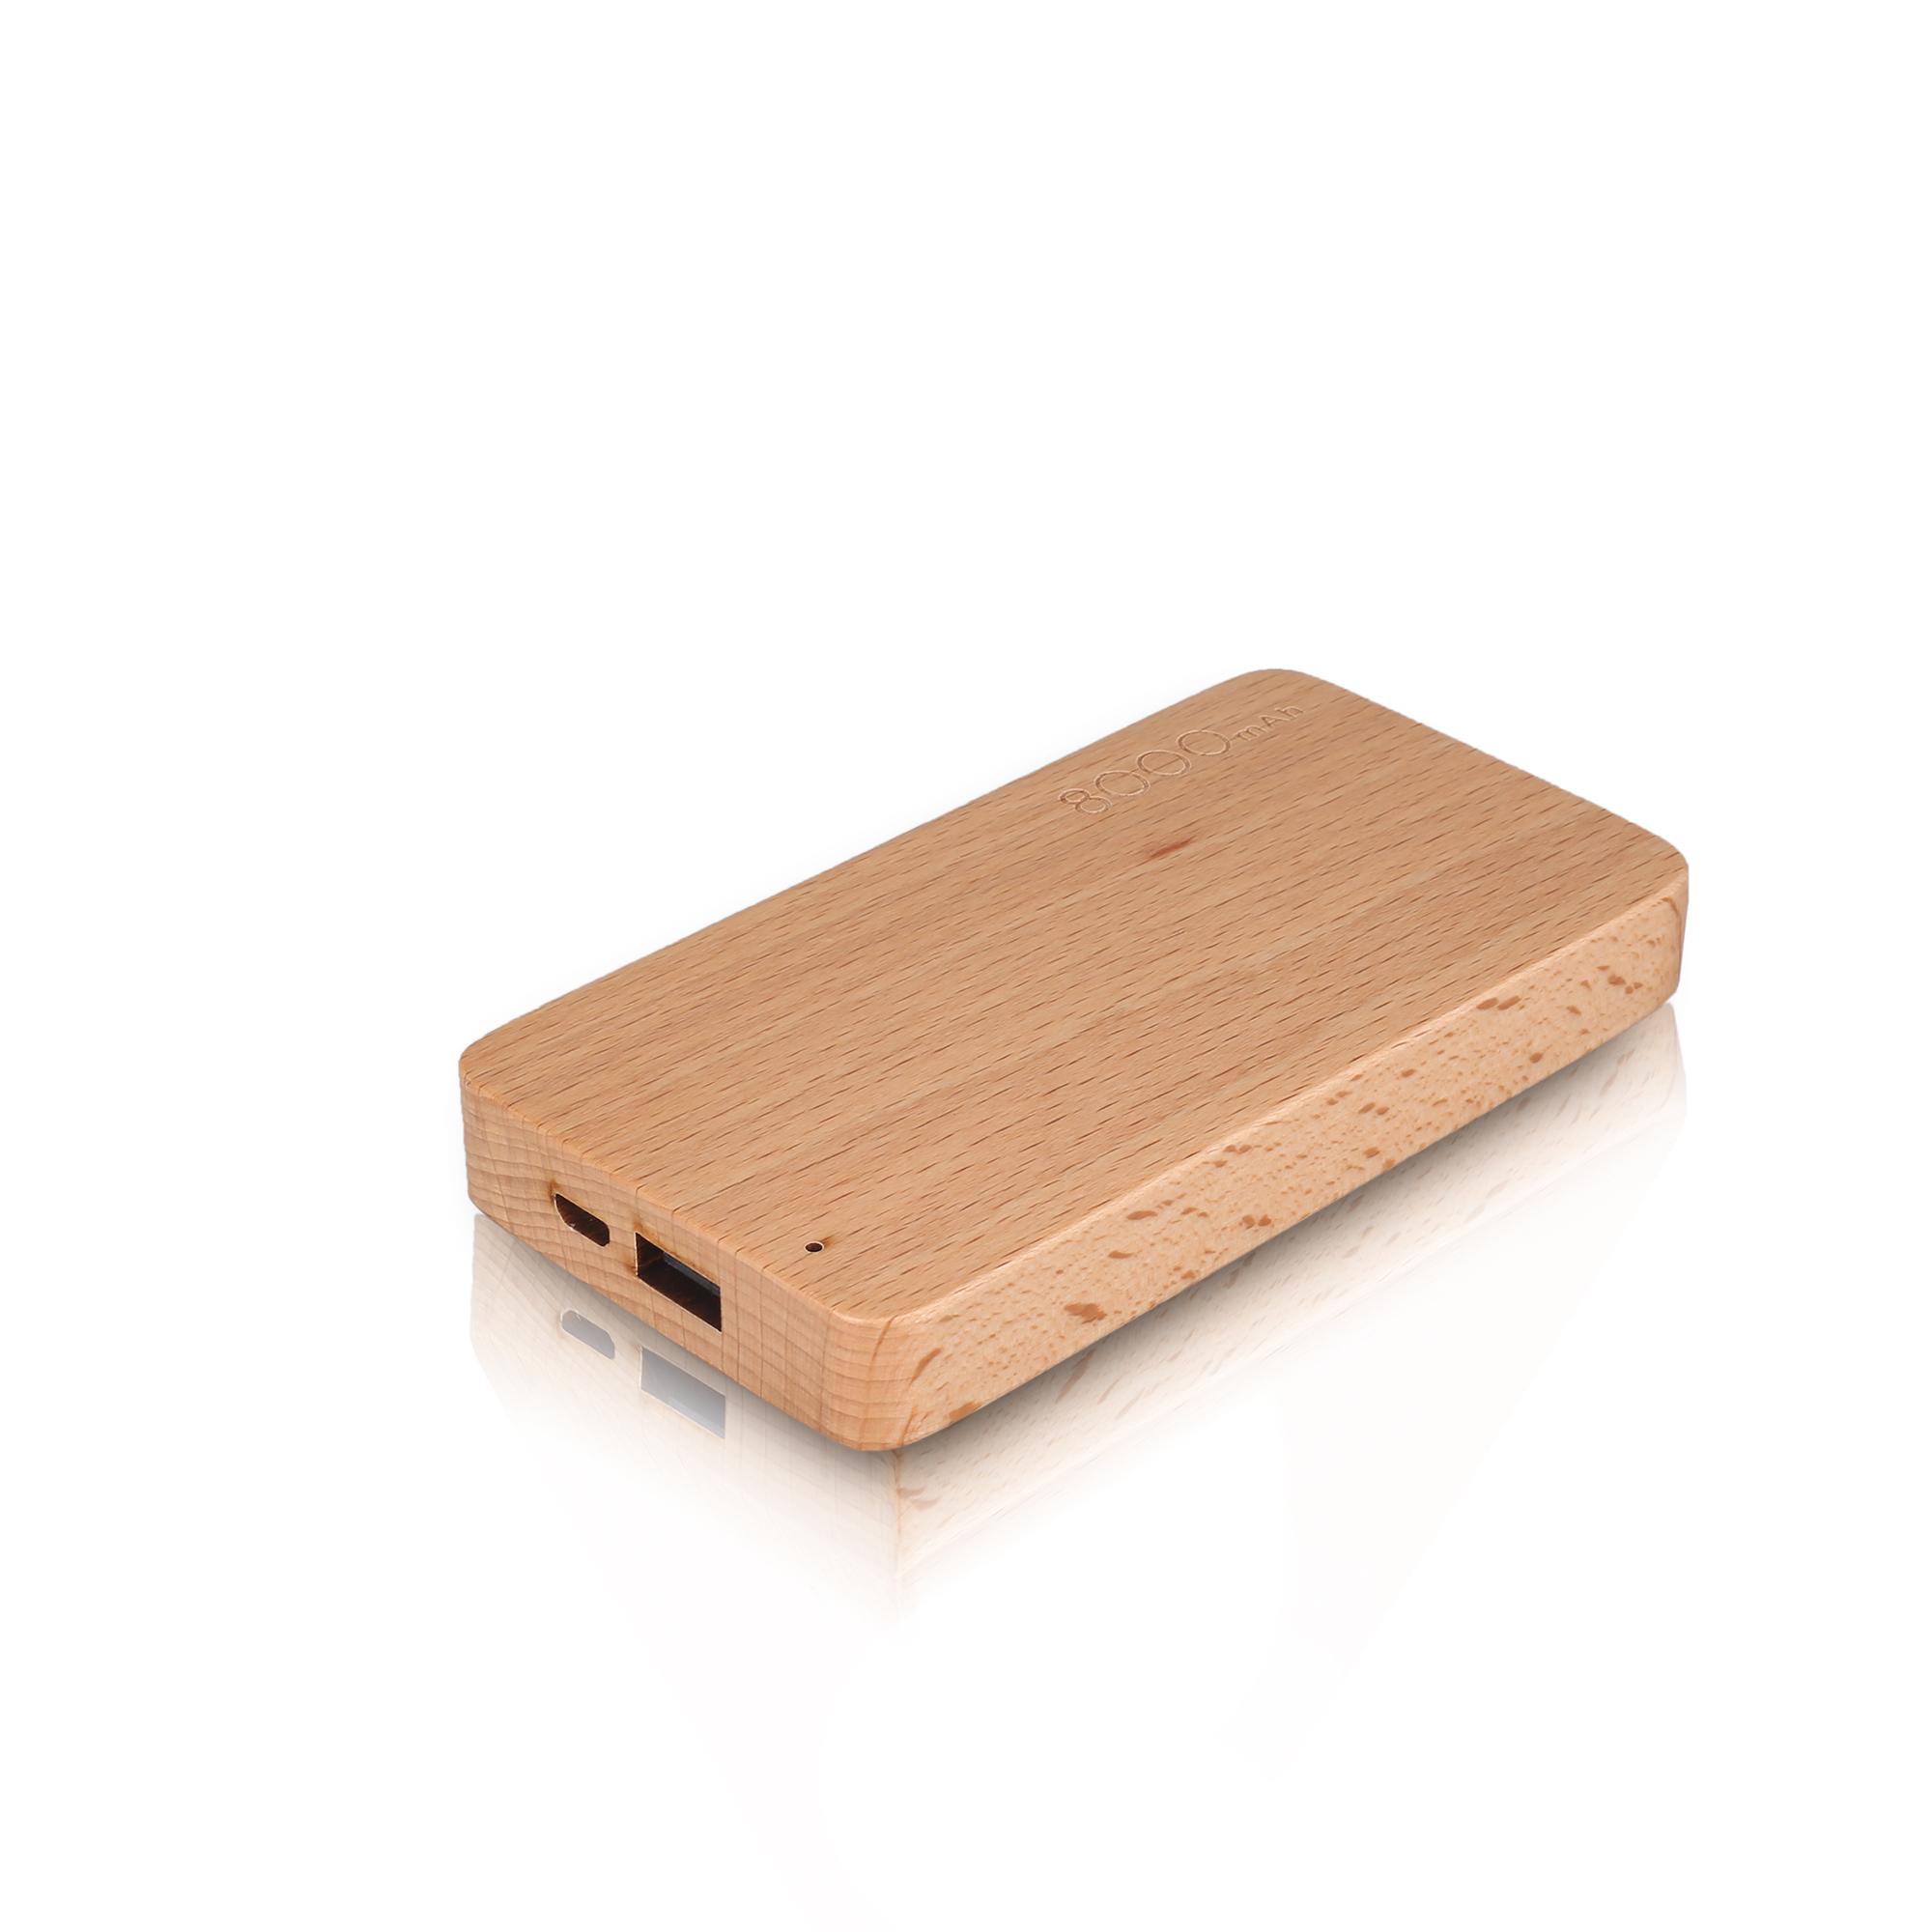 北京会议礼品_北京会议礼品 木质充电宝 8000毫安 100%纯木打造而成